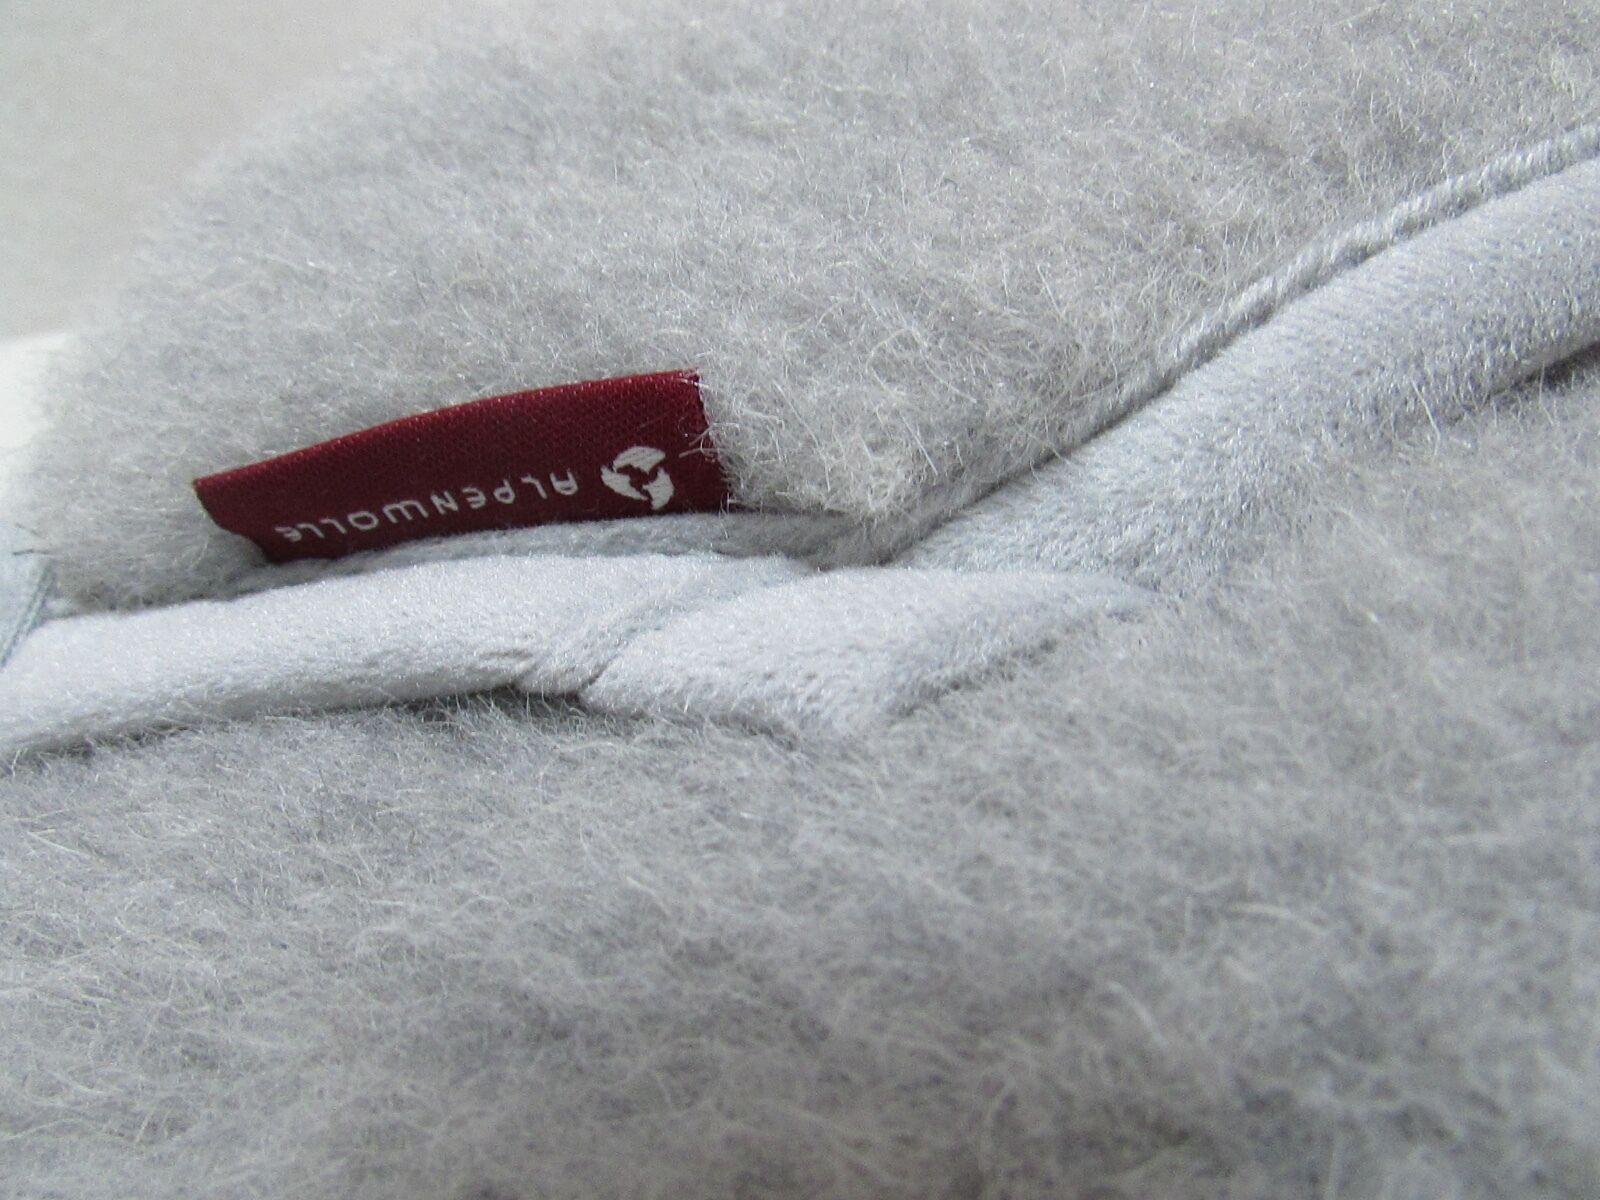 Wollweste, Damenweste, Herrenweste, Arbeitsweste, silber-grau silber-grau silber-grau Reißverschluss | Sale Deutschland  | Verbraucher zuerst  | Qualität und Quantität garantiert  1f8462